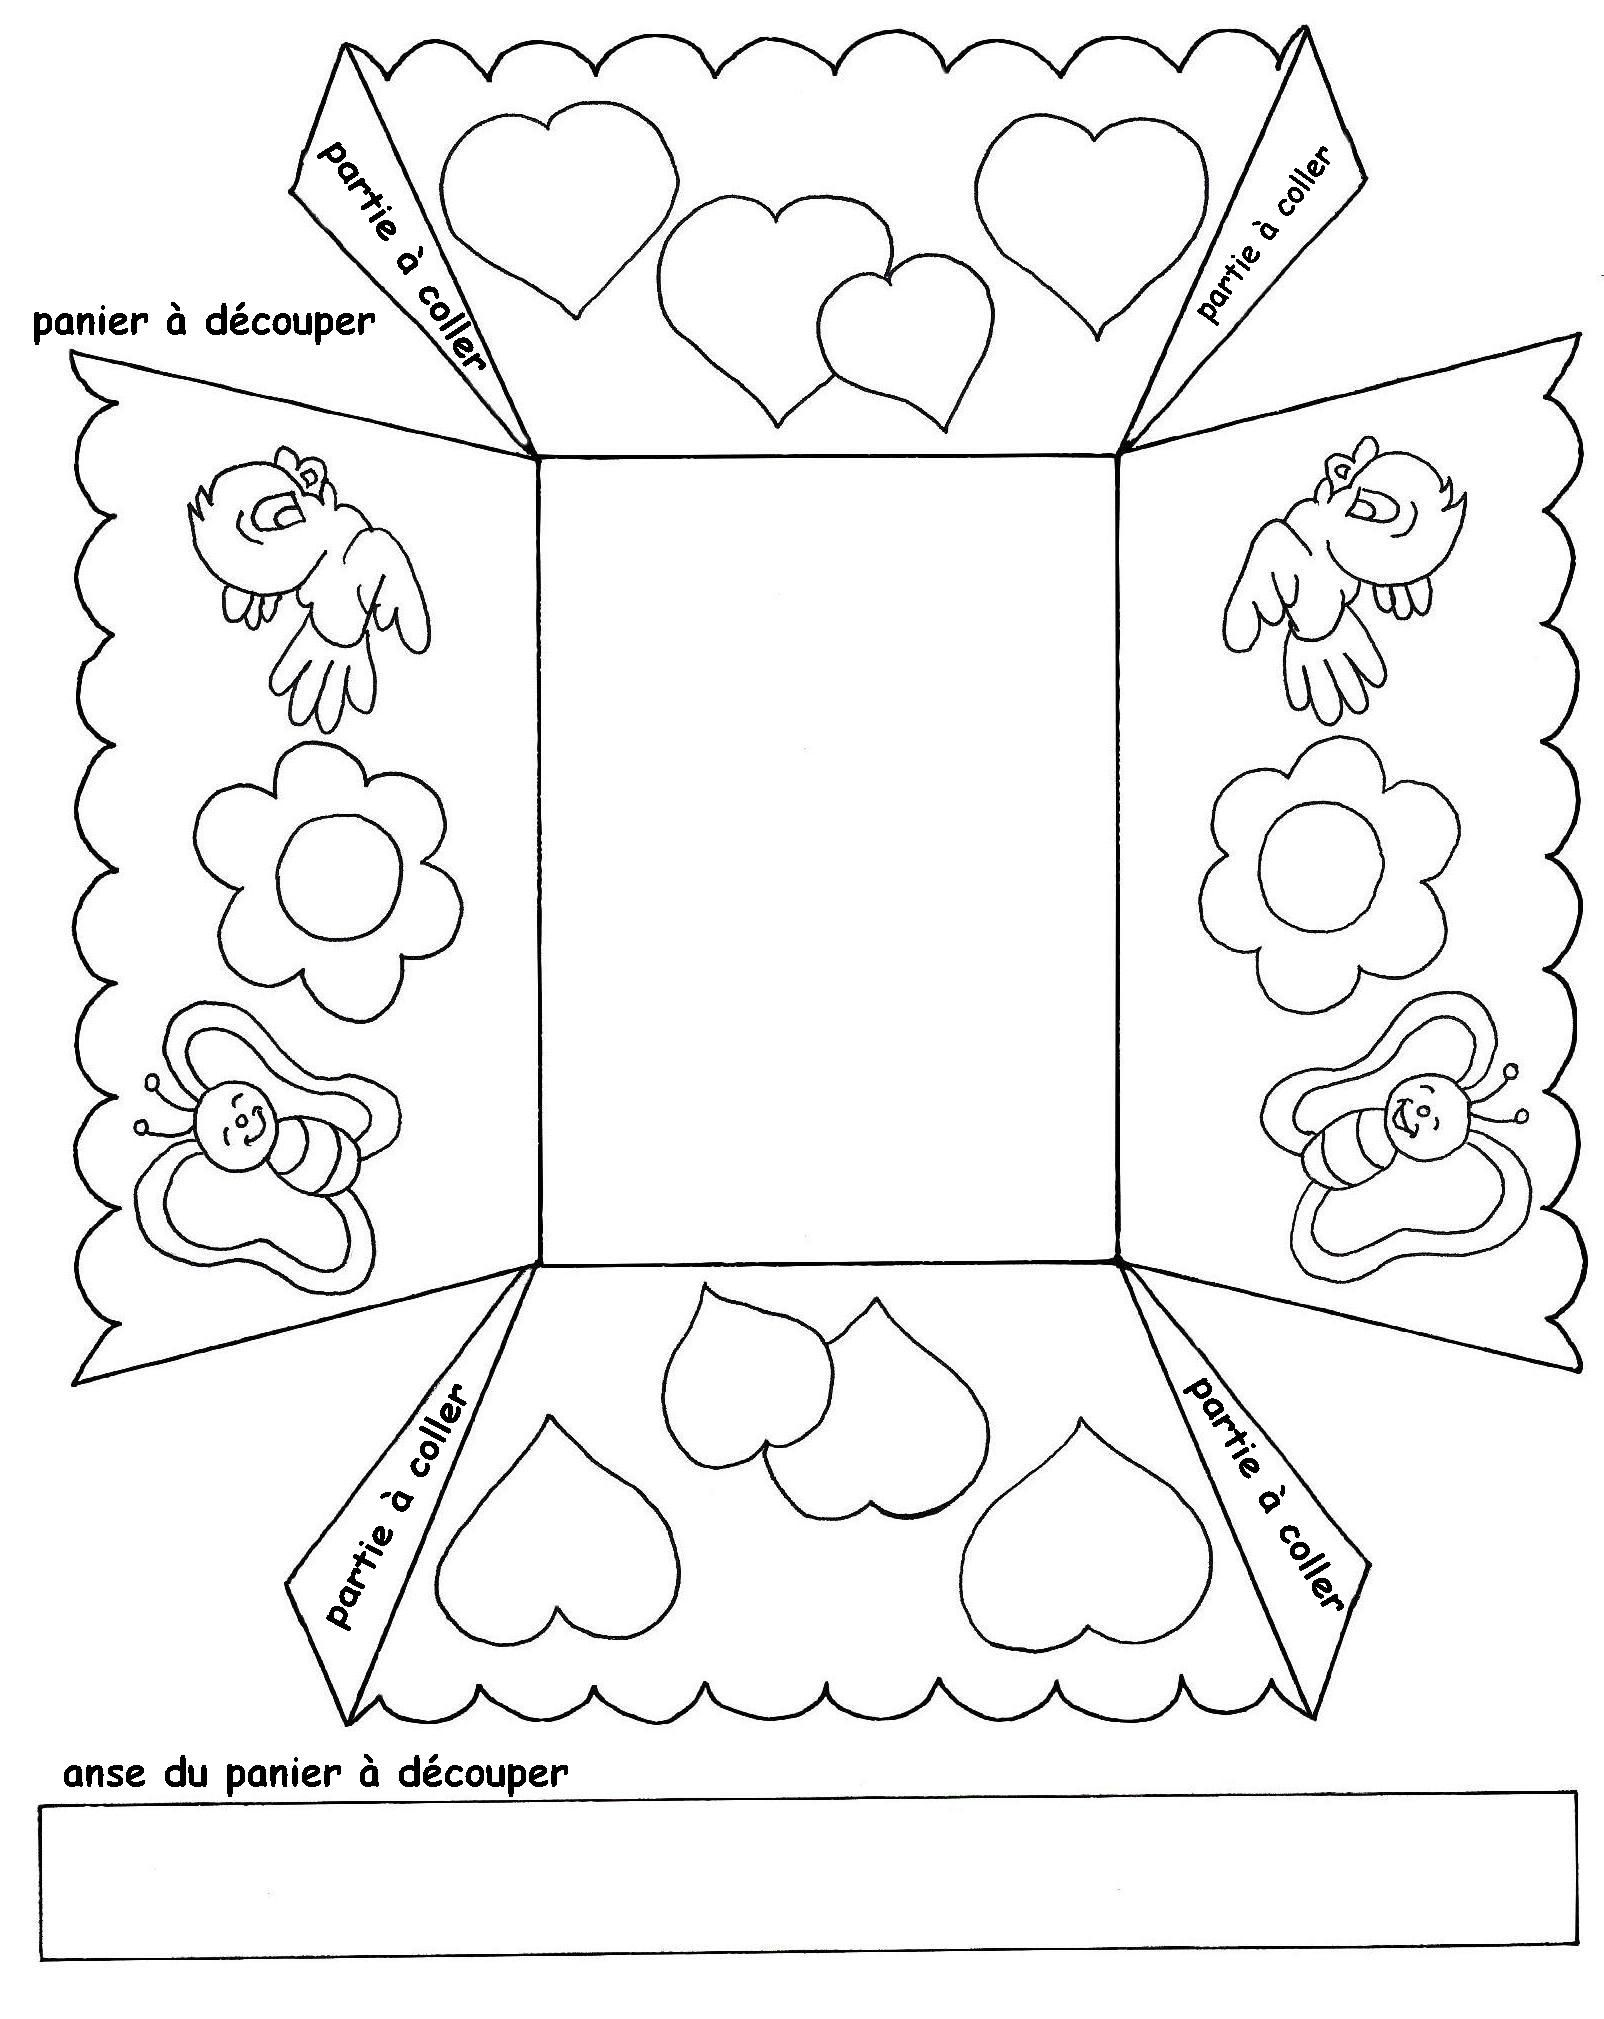 petit panier pr d cor h sv t 4 easter crafts easter. Black Bedroom Furniture Sets. Home Design Ideas